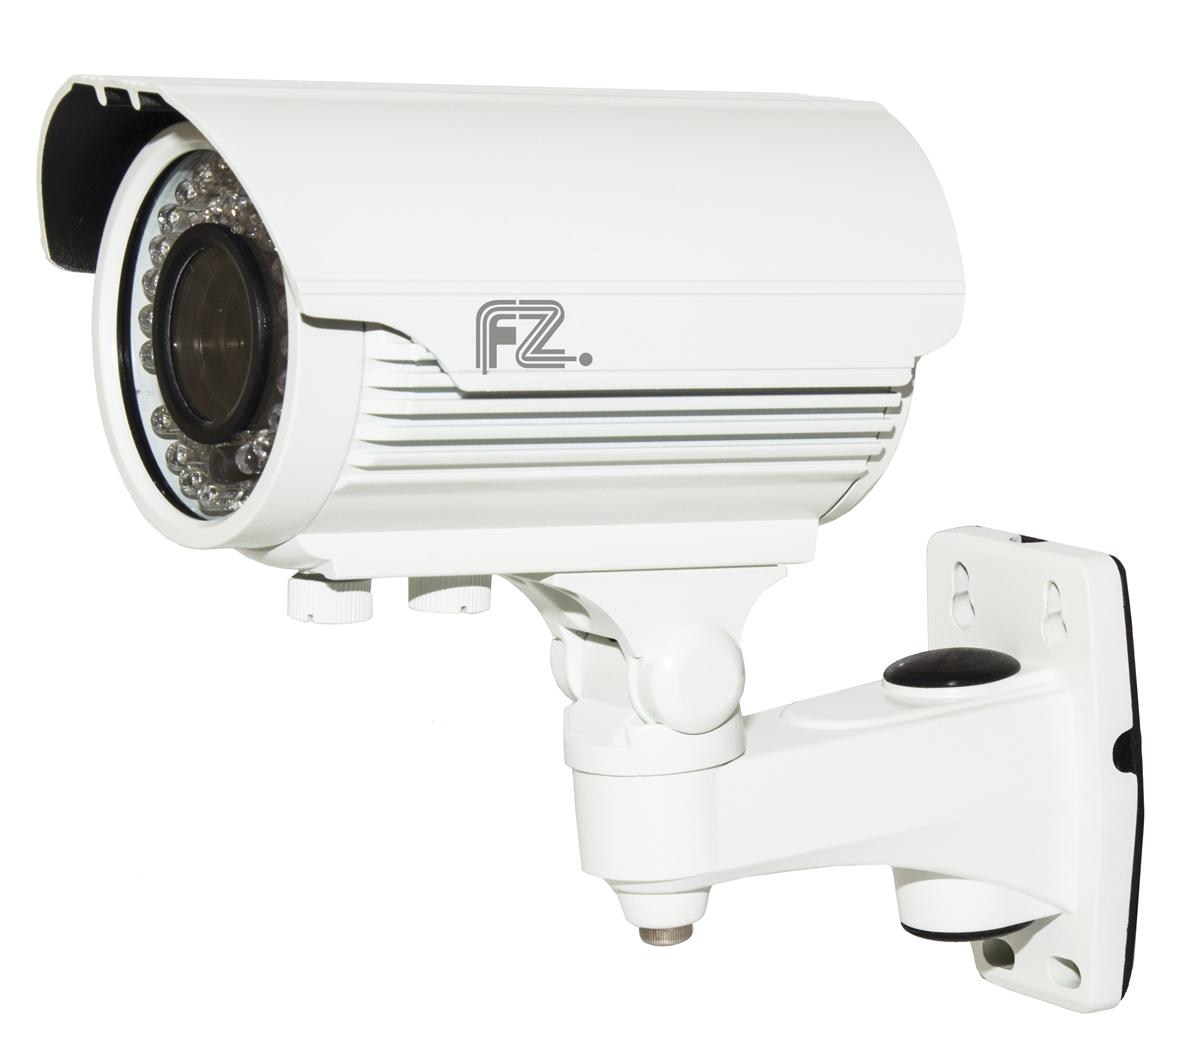 Fazera FZ-VIR42-720(N) камера видеонаблюденияFZ-VIR42-720 (N)IP Видеокамера купольная уличная с ИК подсветкой c разрешением 720p и вариофокальным объективом 2.8-12мм